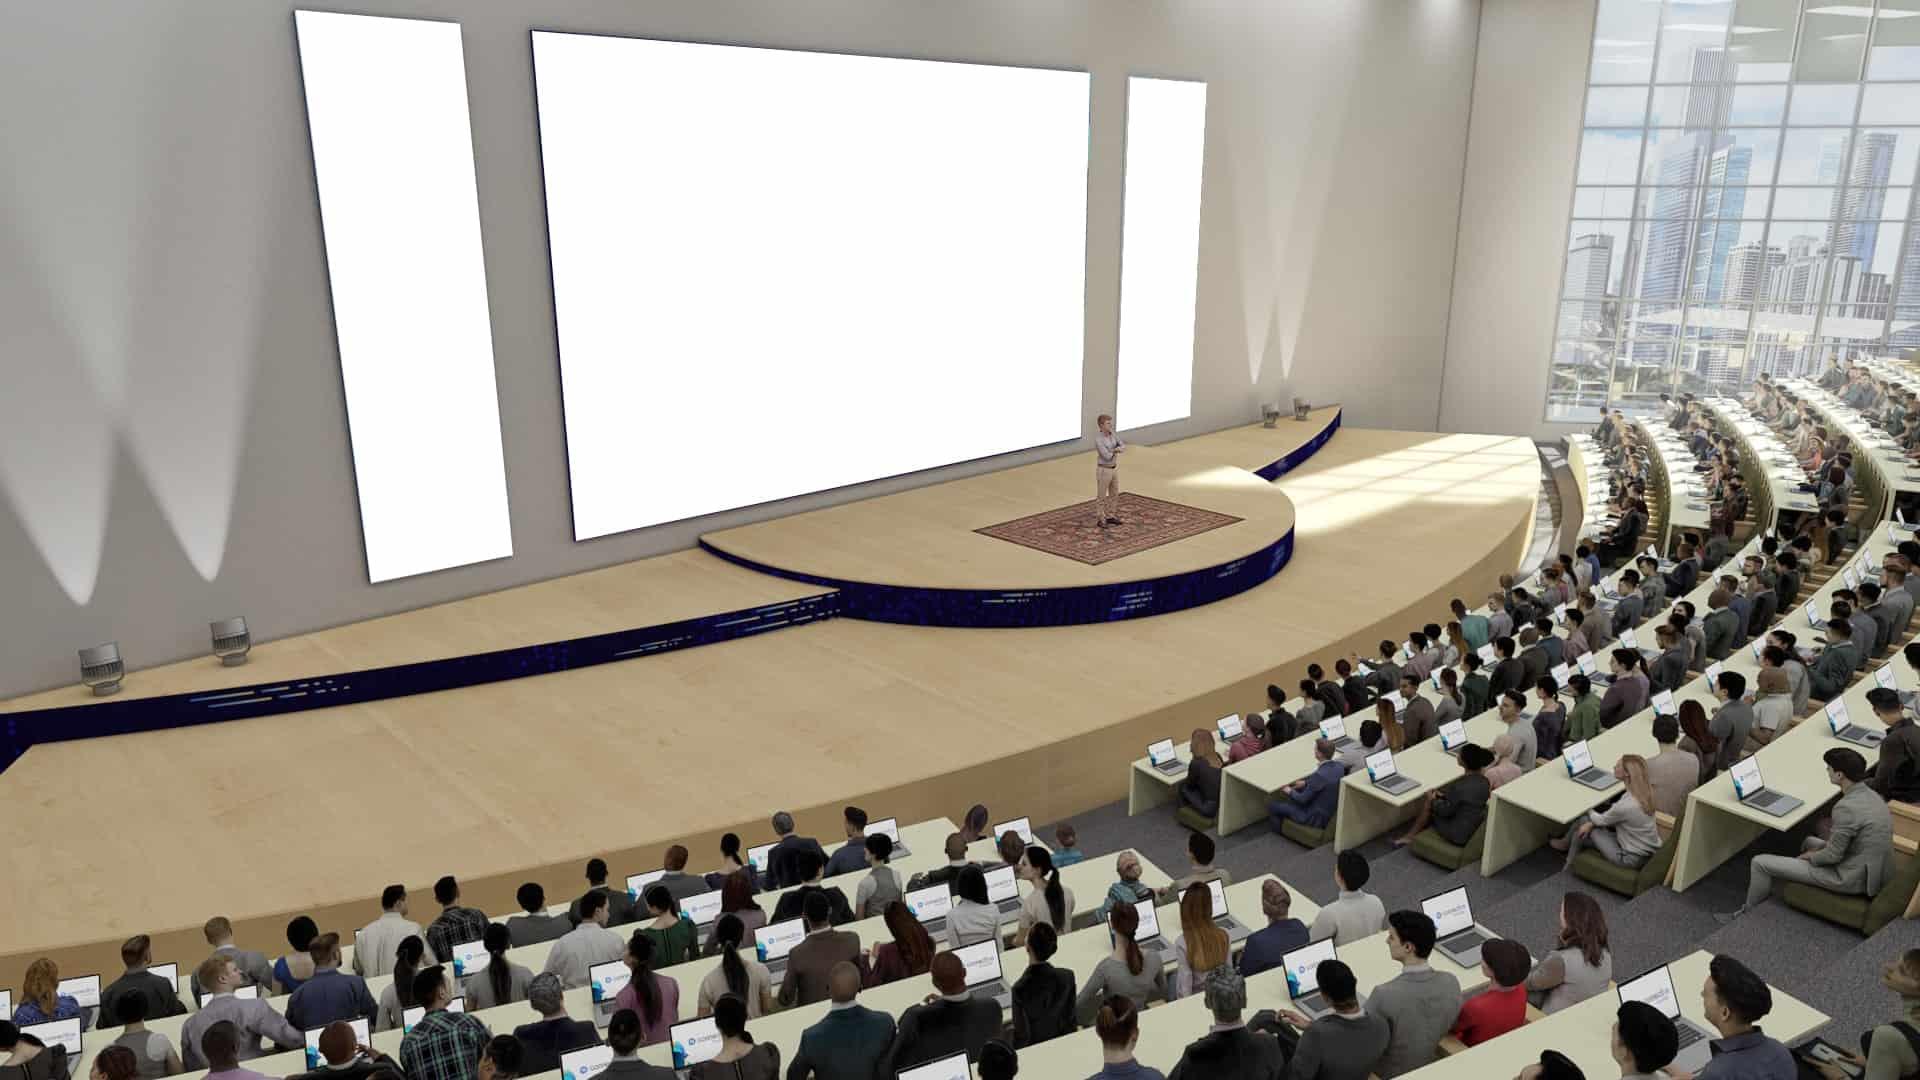 webinars in virtual auditorium